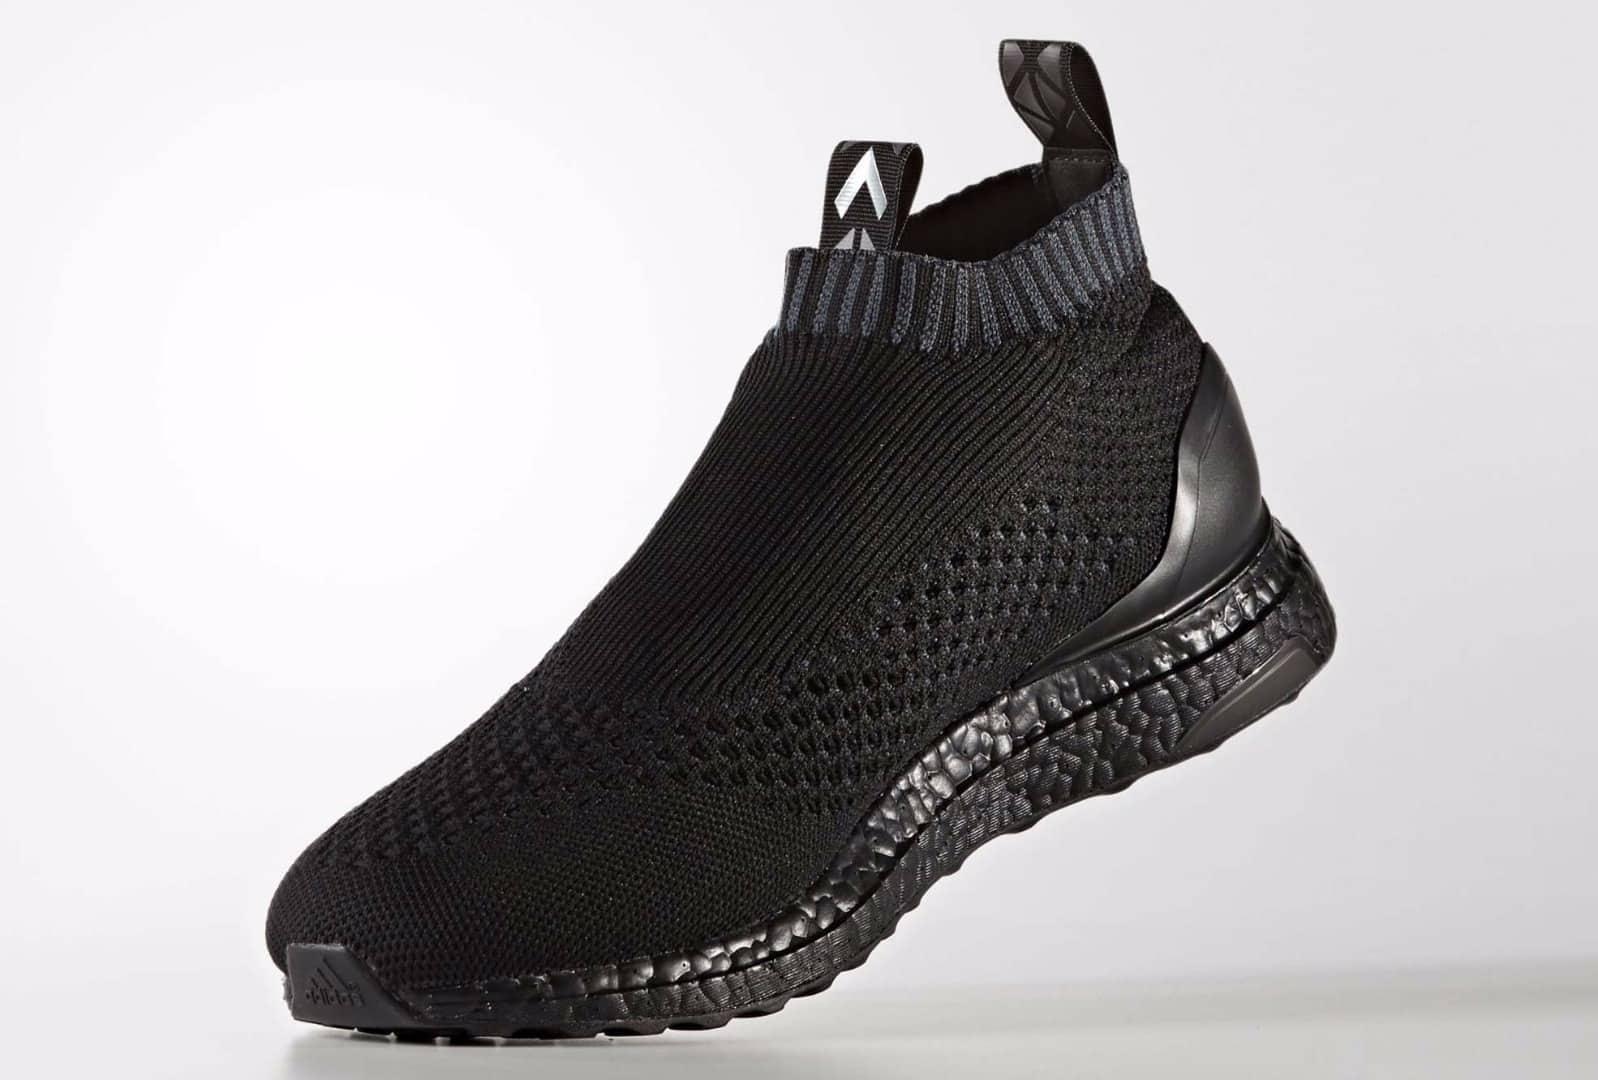 greece adidas ace 16 ultra boost noir 8e89a 27e0e